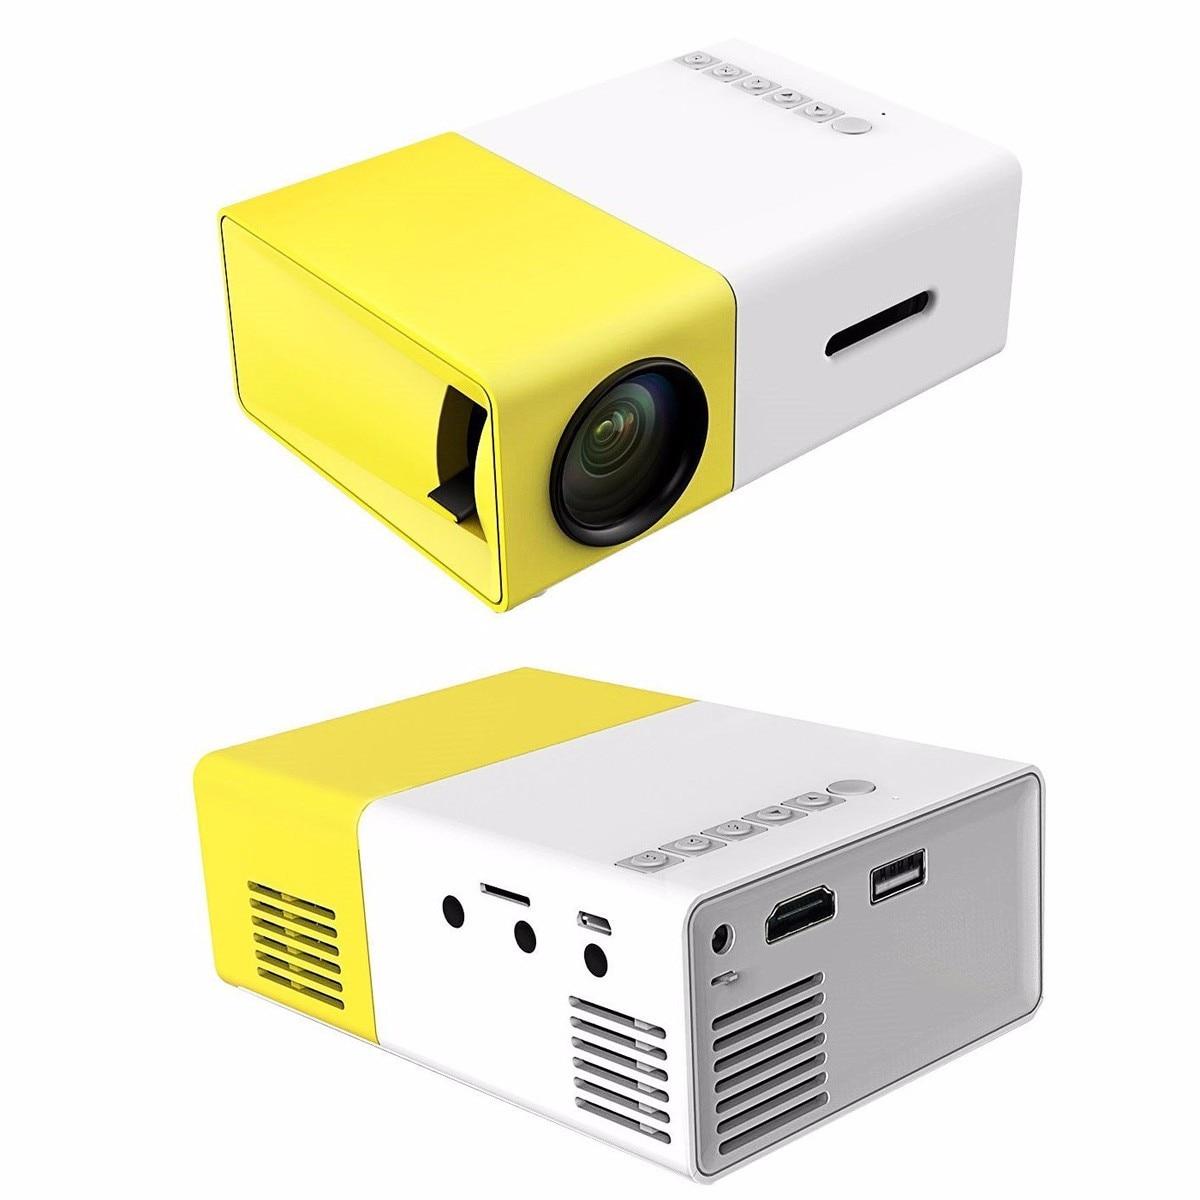 все цены на  New YG300 1080P LED Portable Projector 400-600LM 3.5mm Audio 320 x 240 Pixels YG-300 HDMI USB Mini Projector Home Media Player  онлайн